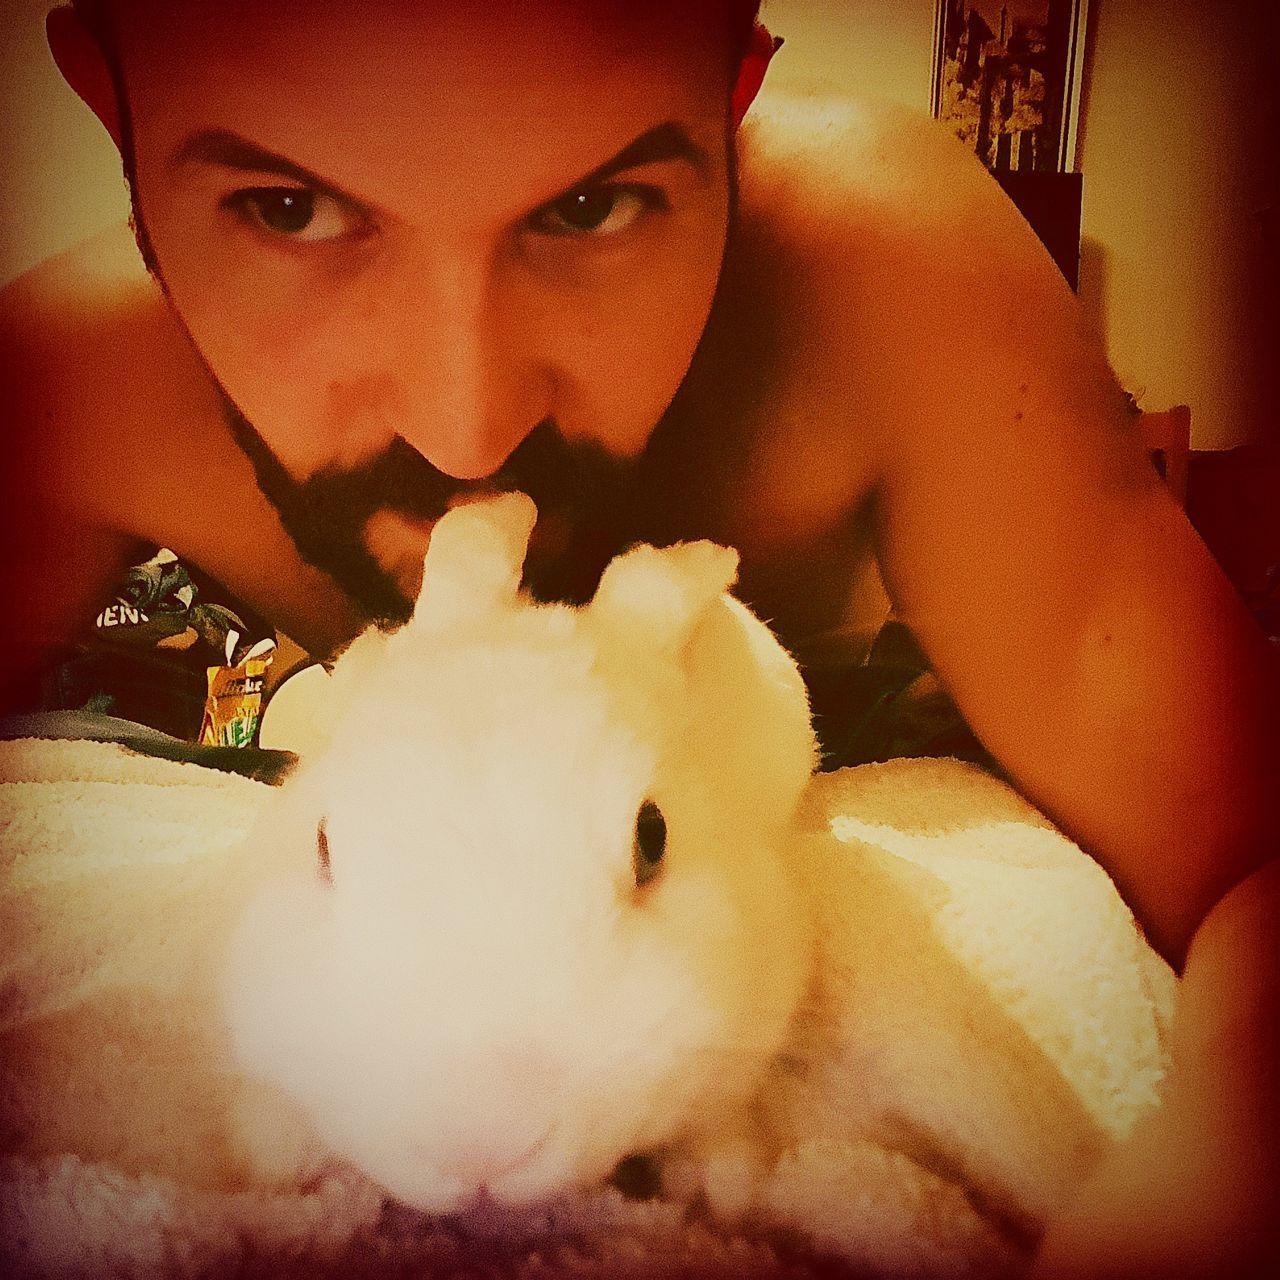 My Pet Rabbit 🐇 The Name Is Blaster Summer ☀ Euskadi España🇪🇸